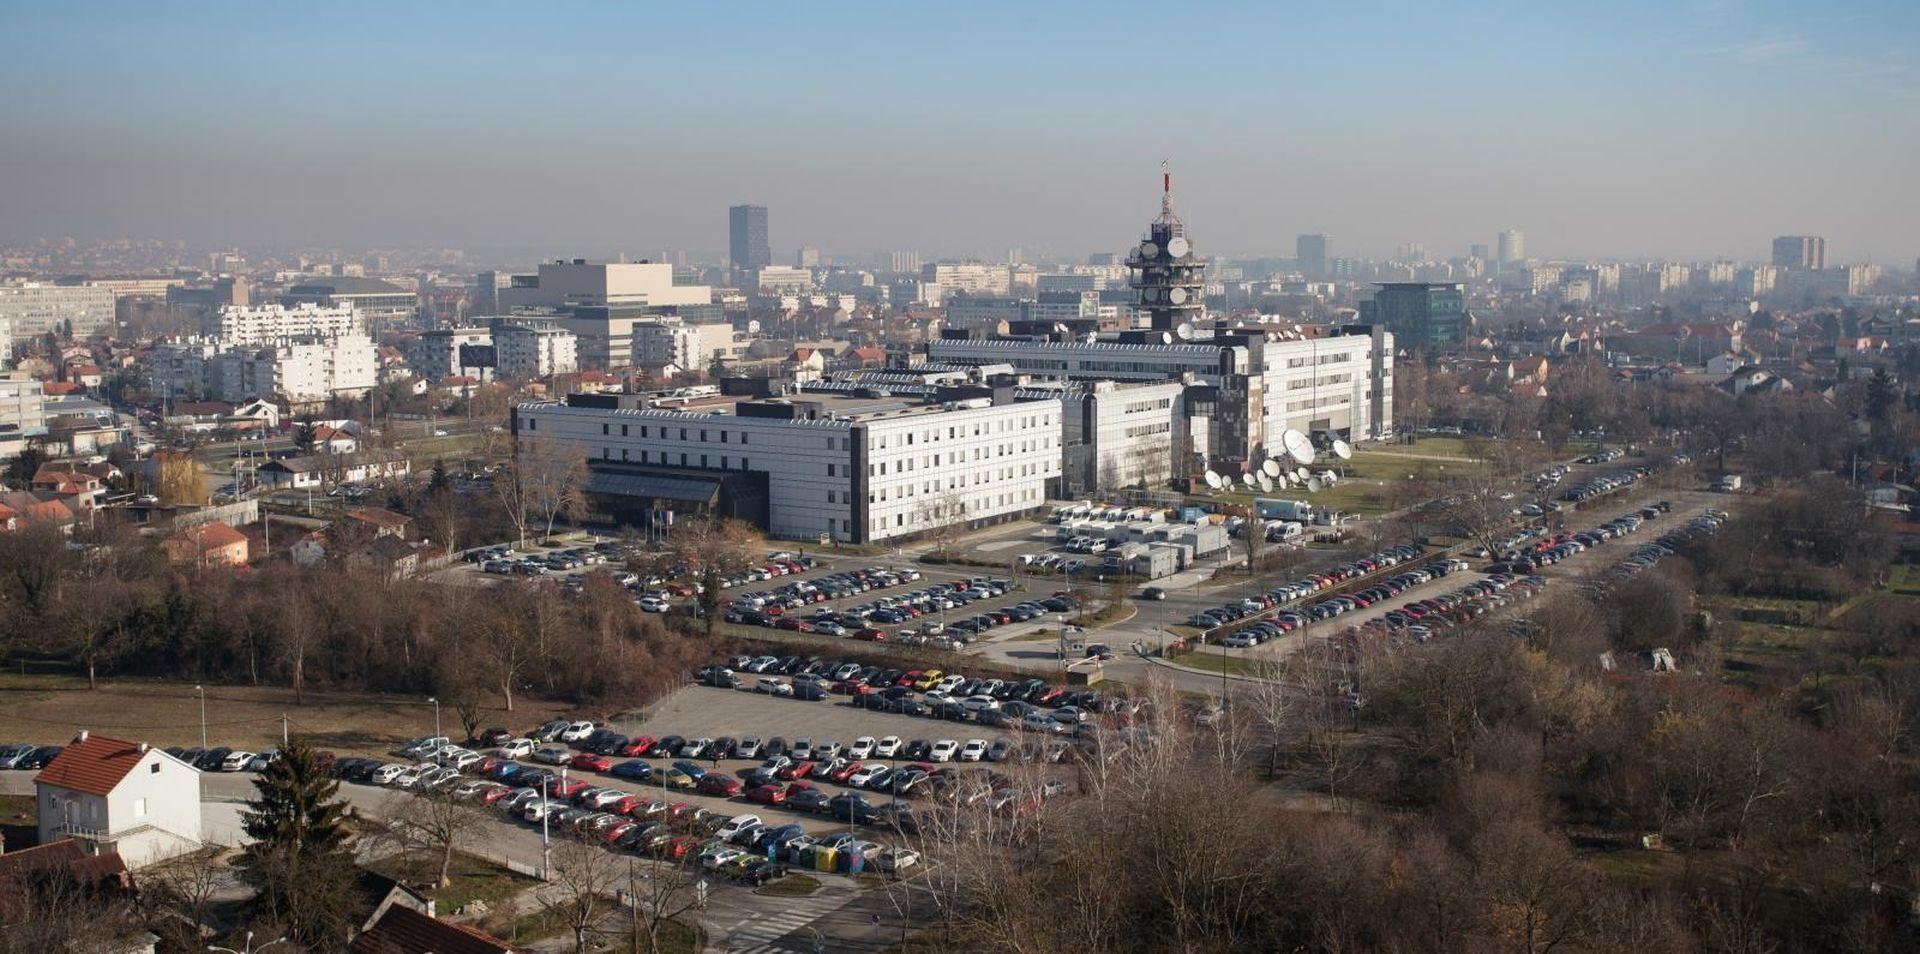 Ukrajinsko veleposlanstvo oštro prosvjedovalo zbog Dnevnika HRT-a